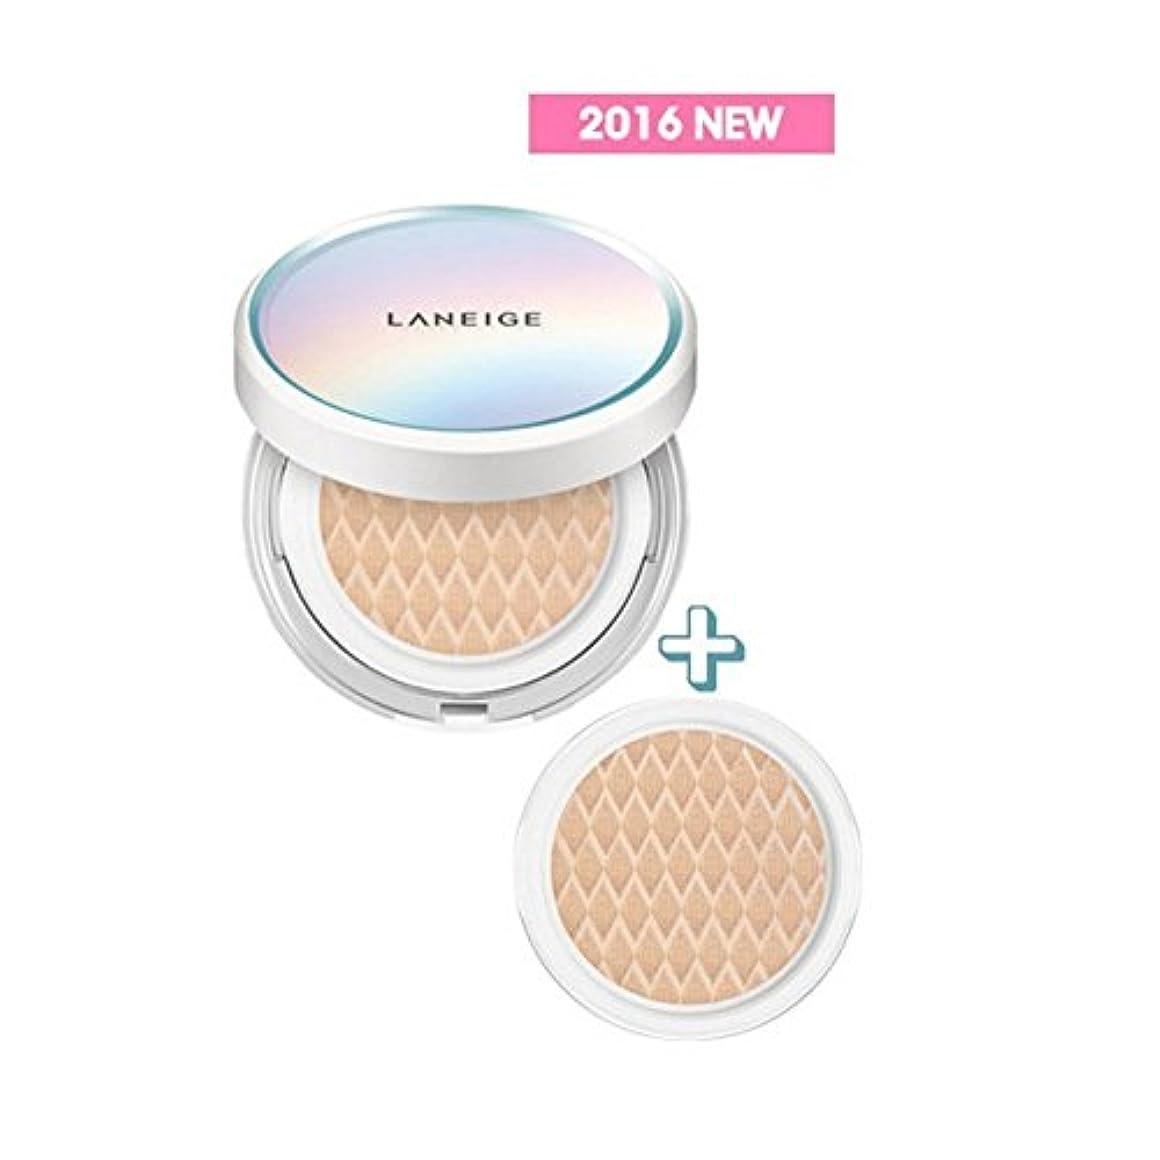 LANEIGE BB Cushion [Pore Control] 15g + Refill 15g/ラネージュ BBクッション [ポアコントロール] 15g + リフィル 15g (#23 Sand) [並行輸入品]